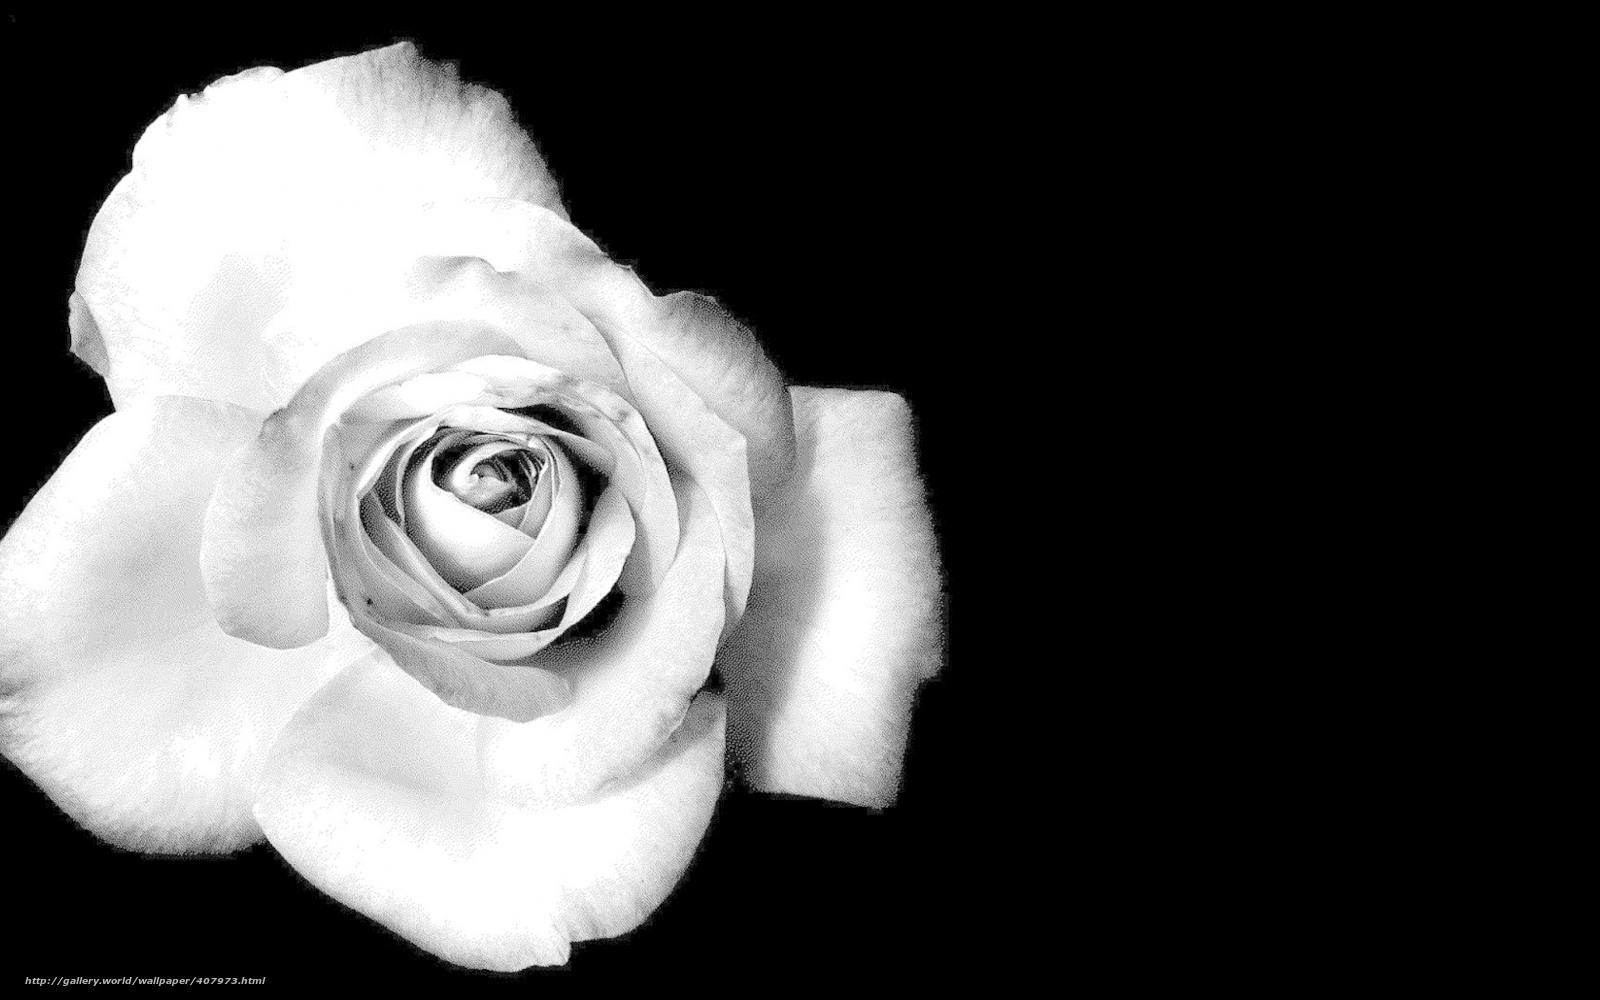 Tlcharger Fond d'ecran rose, fleur, noir-blanc Fonds d'ecran gratuits pour votre rsolution du ...